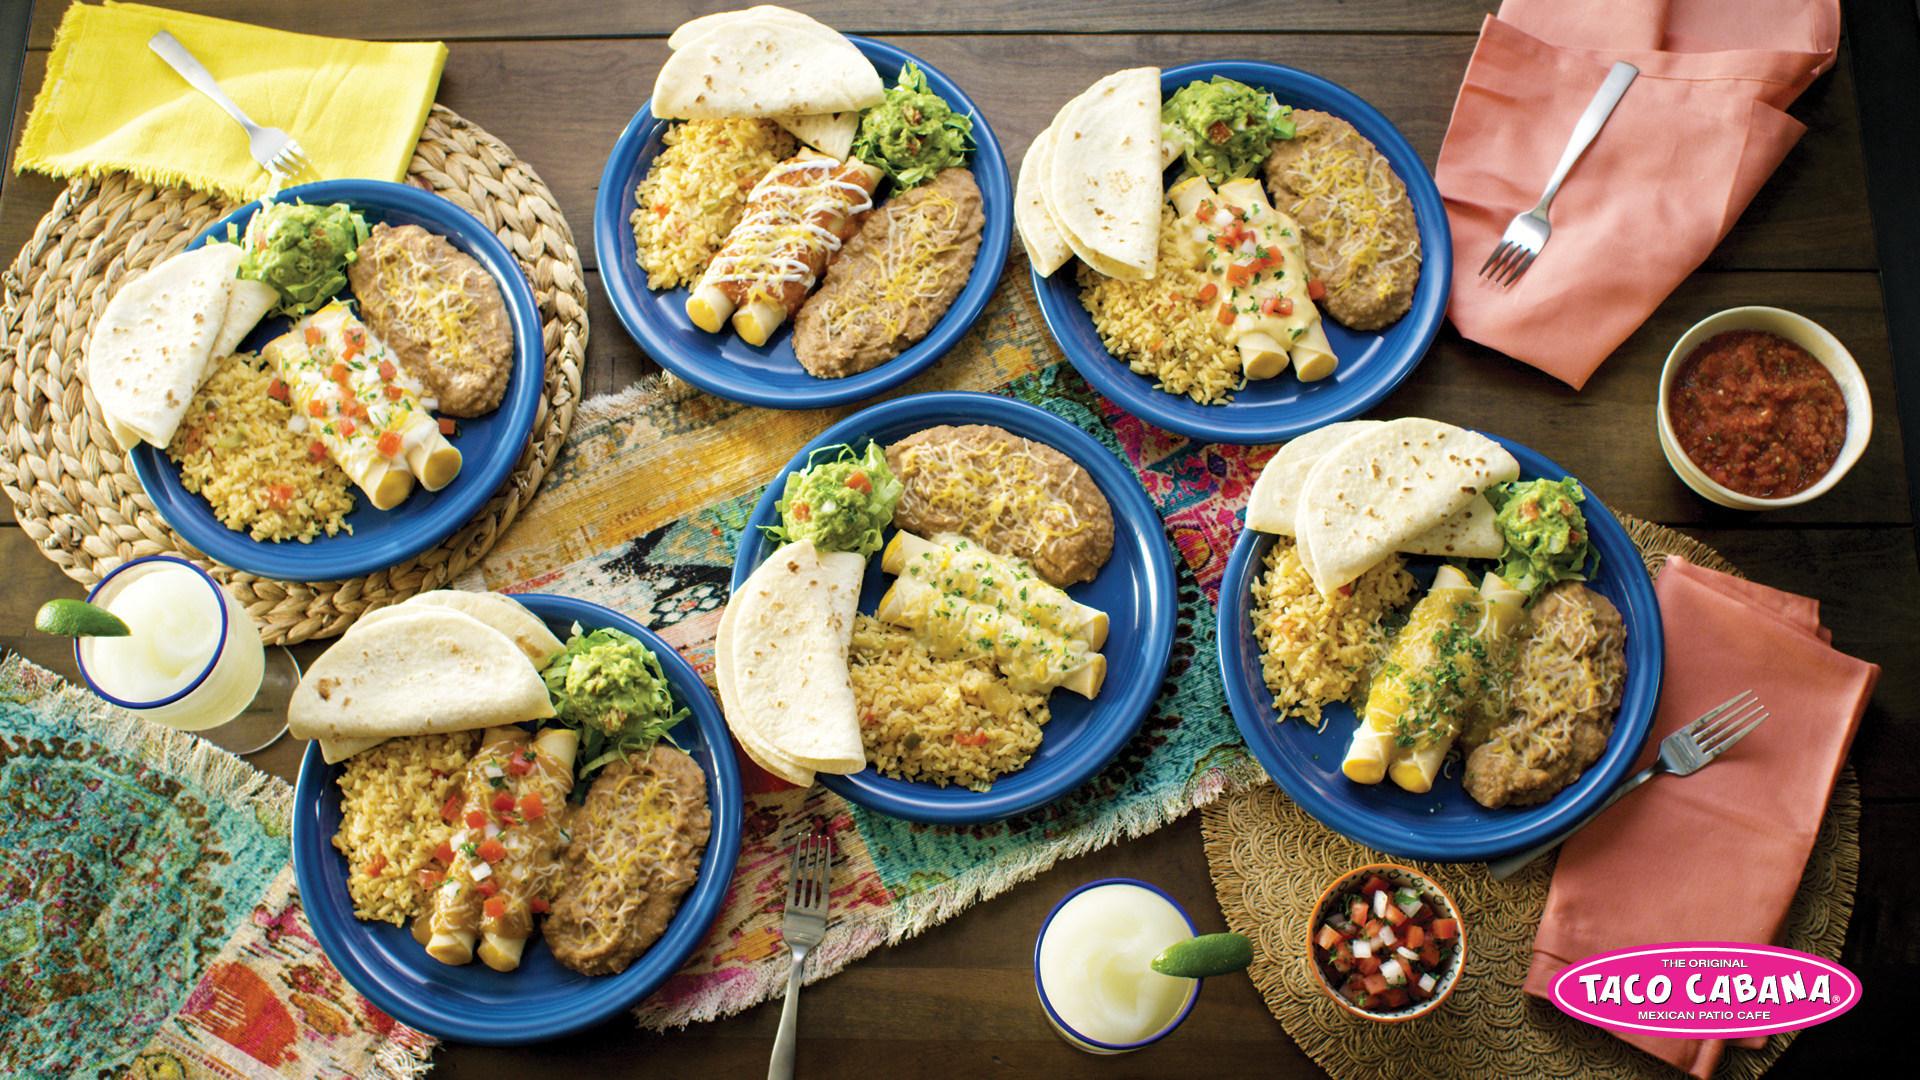 Enchiladas, Taco Cabana